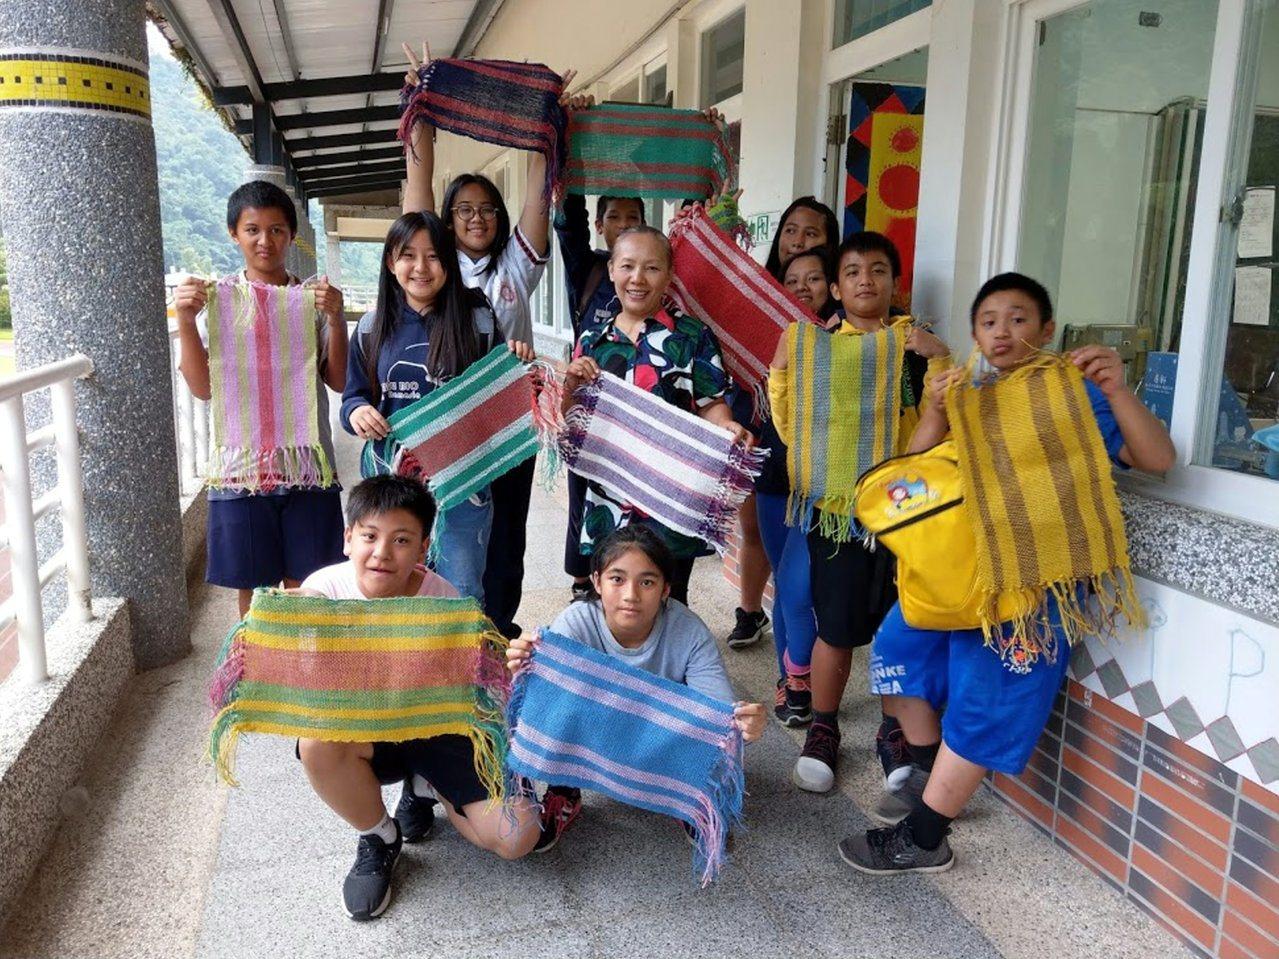 那瑪夏國中以「夏日樂學課程模組」獲獎,學生開心展示編織作品。記者徐白櫻/翻攝